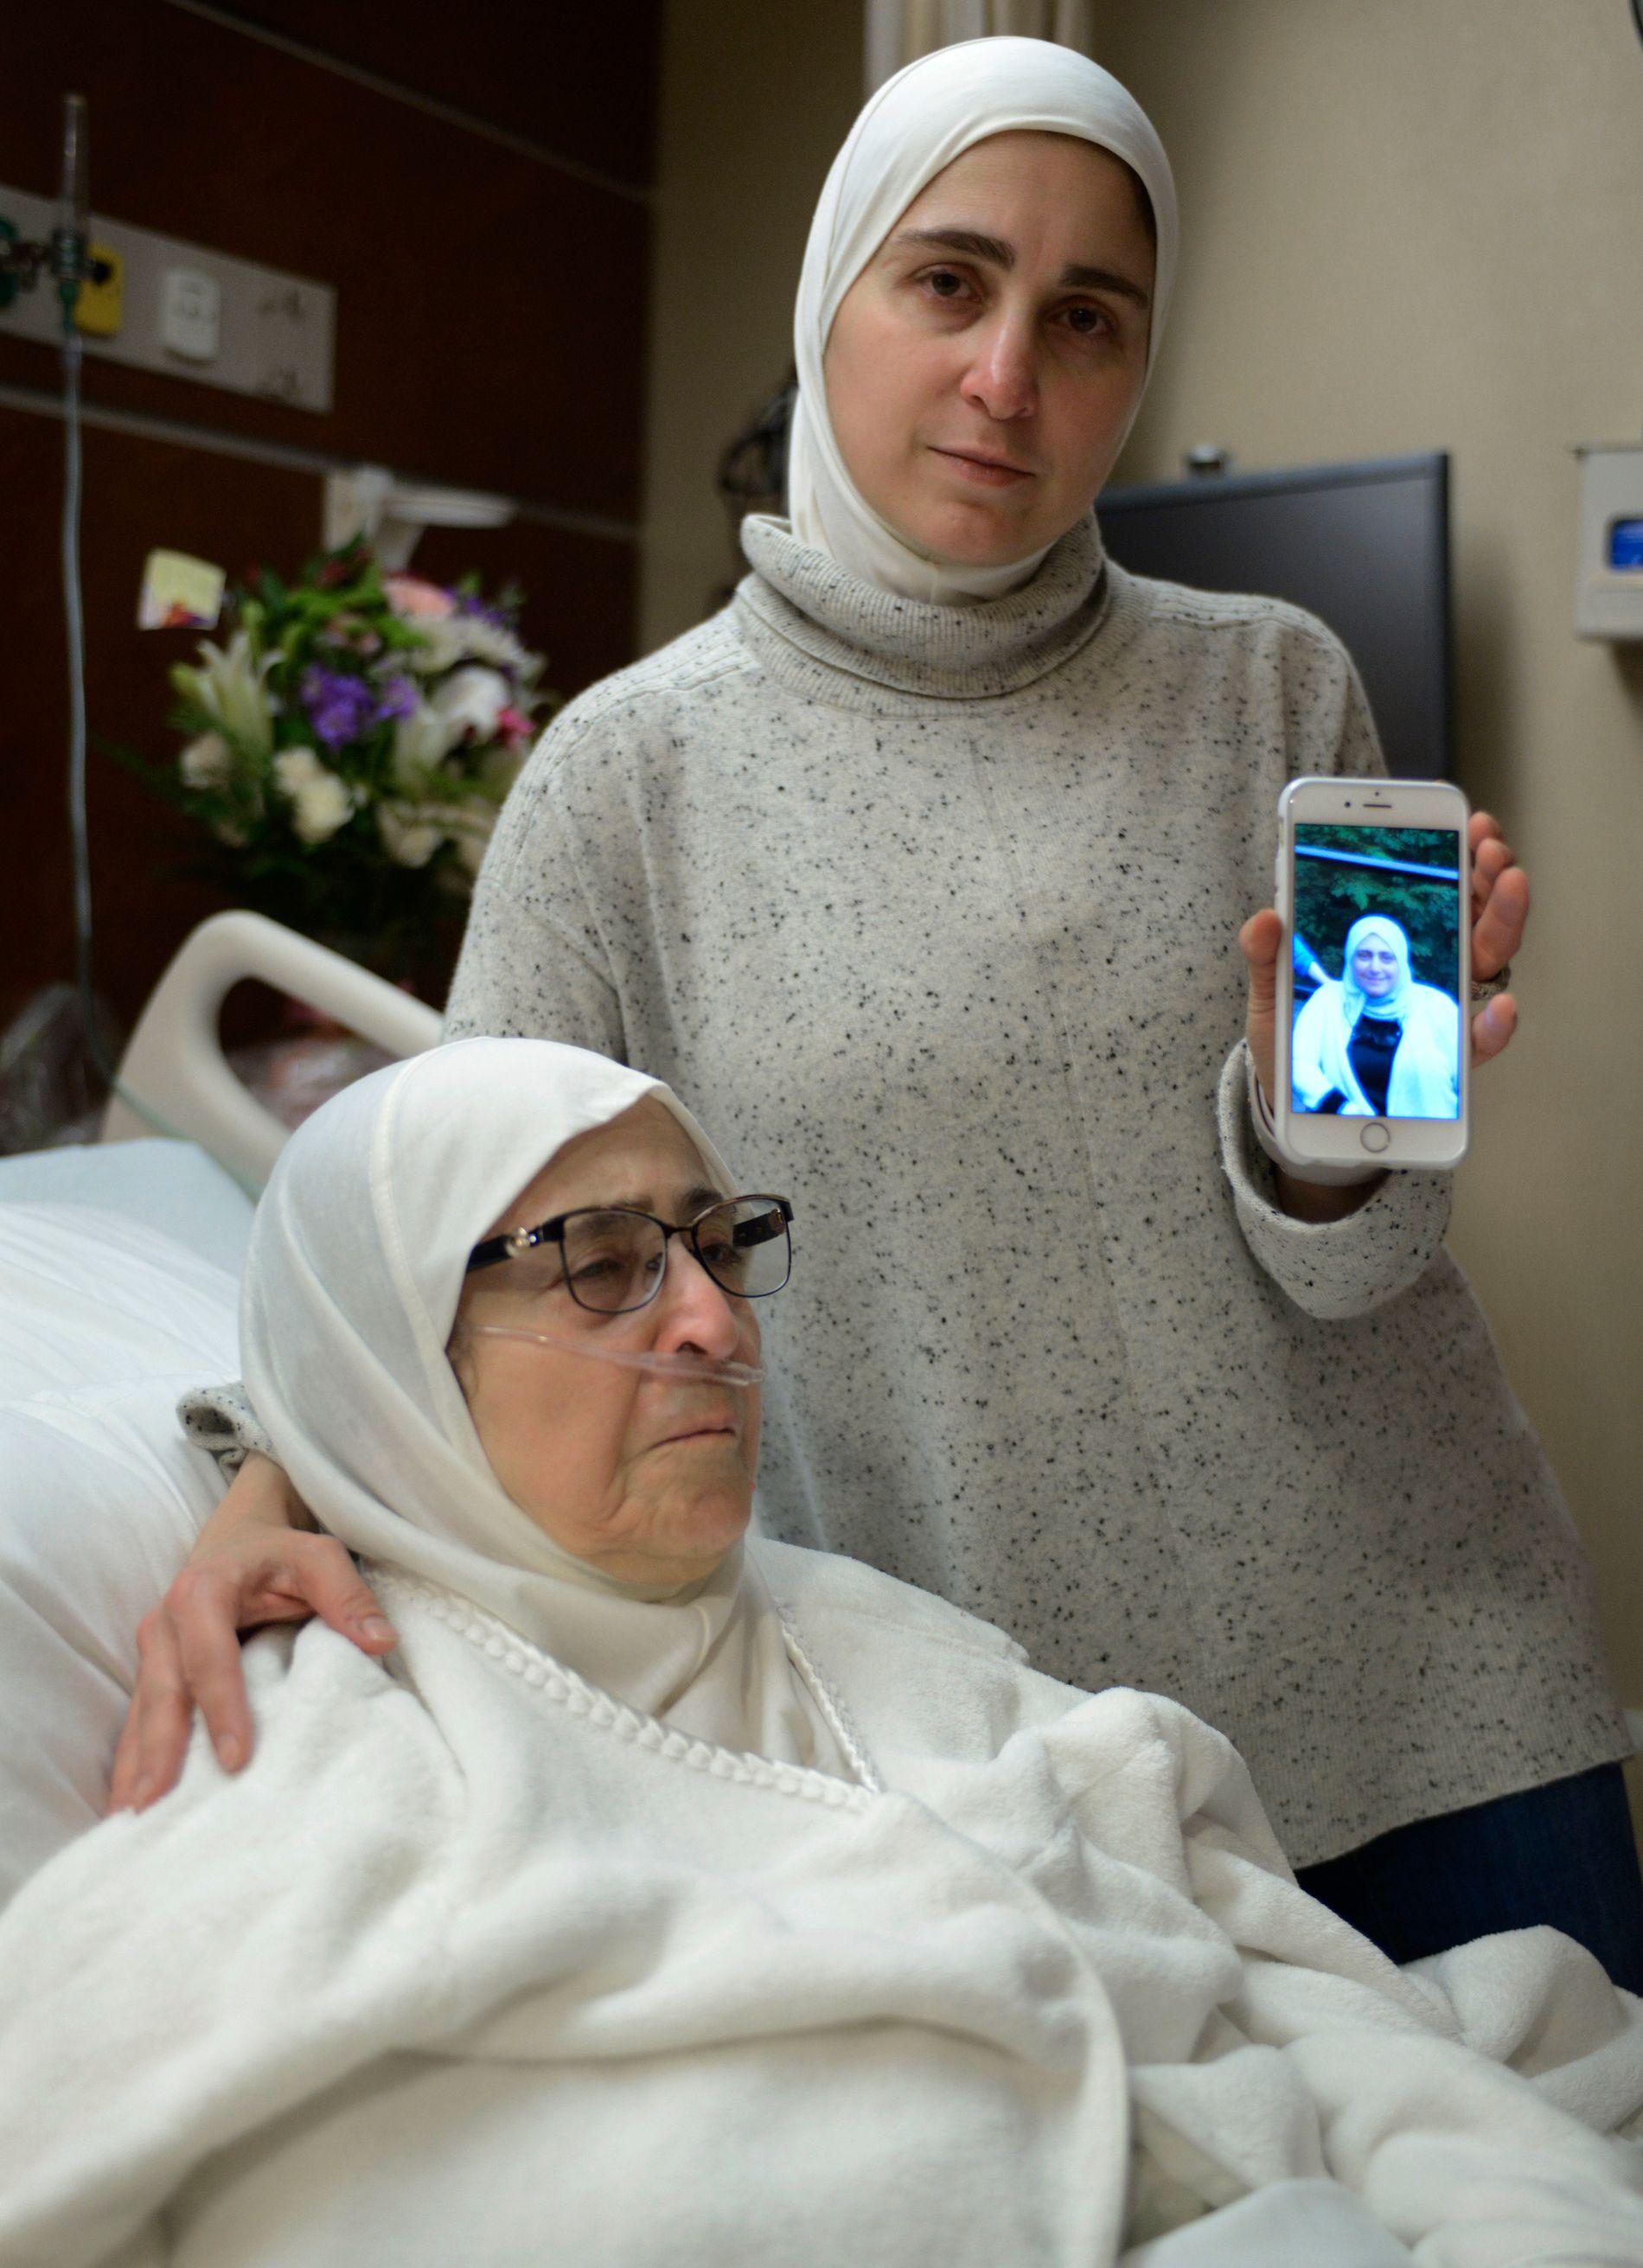 MOR OG SØSTER: Nour Ulayyet viser frem et bilde av sin søster Sahar Algonaimi, som ble nektet innreise til USA. Hun skulle besøke sin syke mor Isaaf Jamal Eddin.